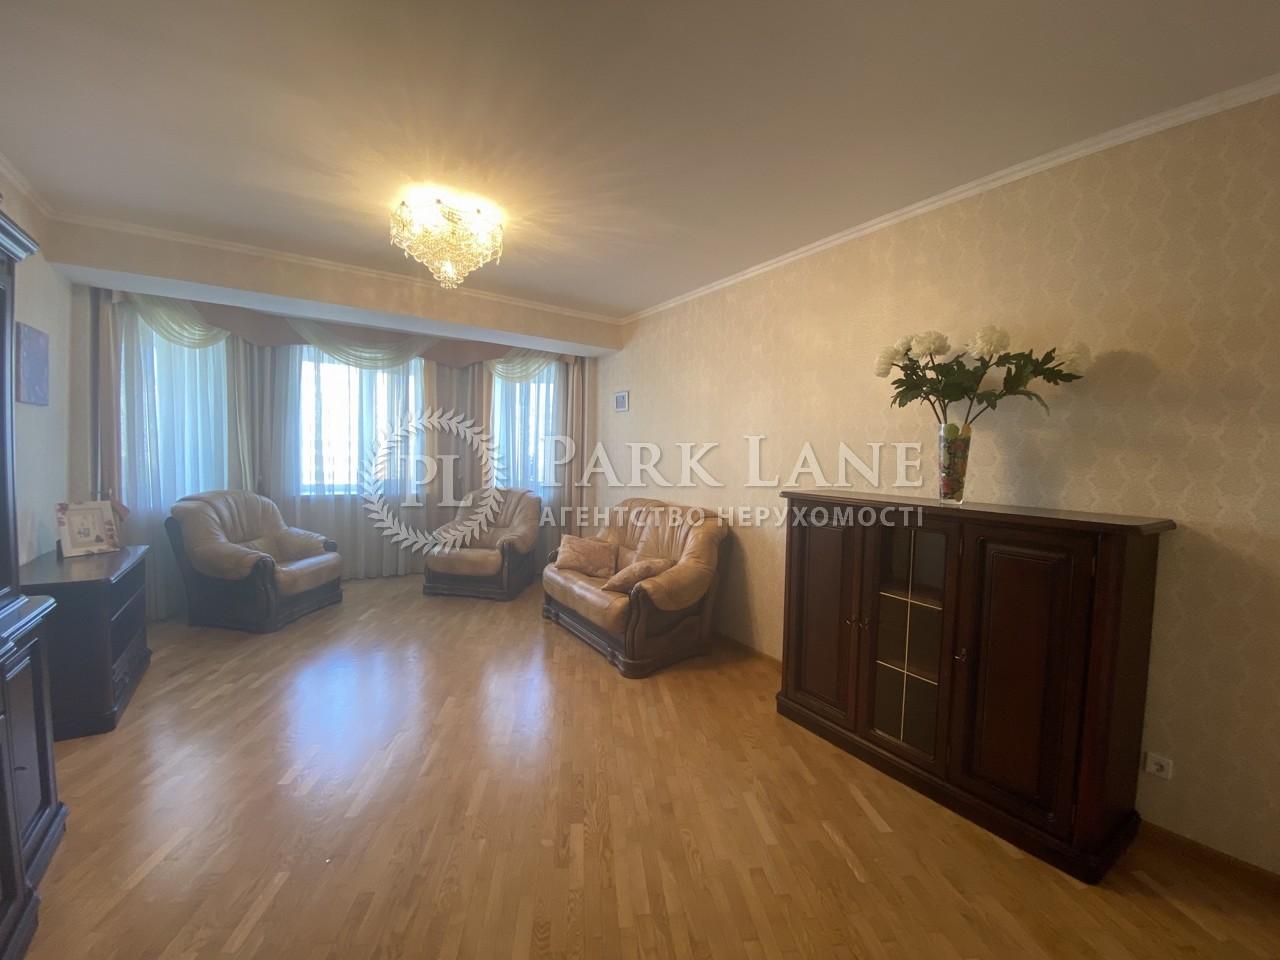 Квартира ул. Вишняковская, 13, Киев, I-31367 - Фото 4